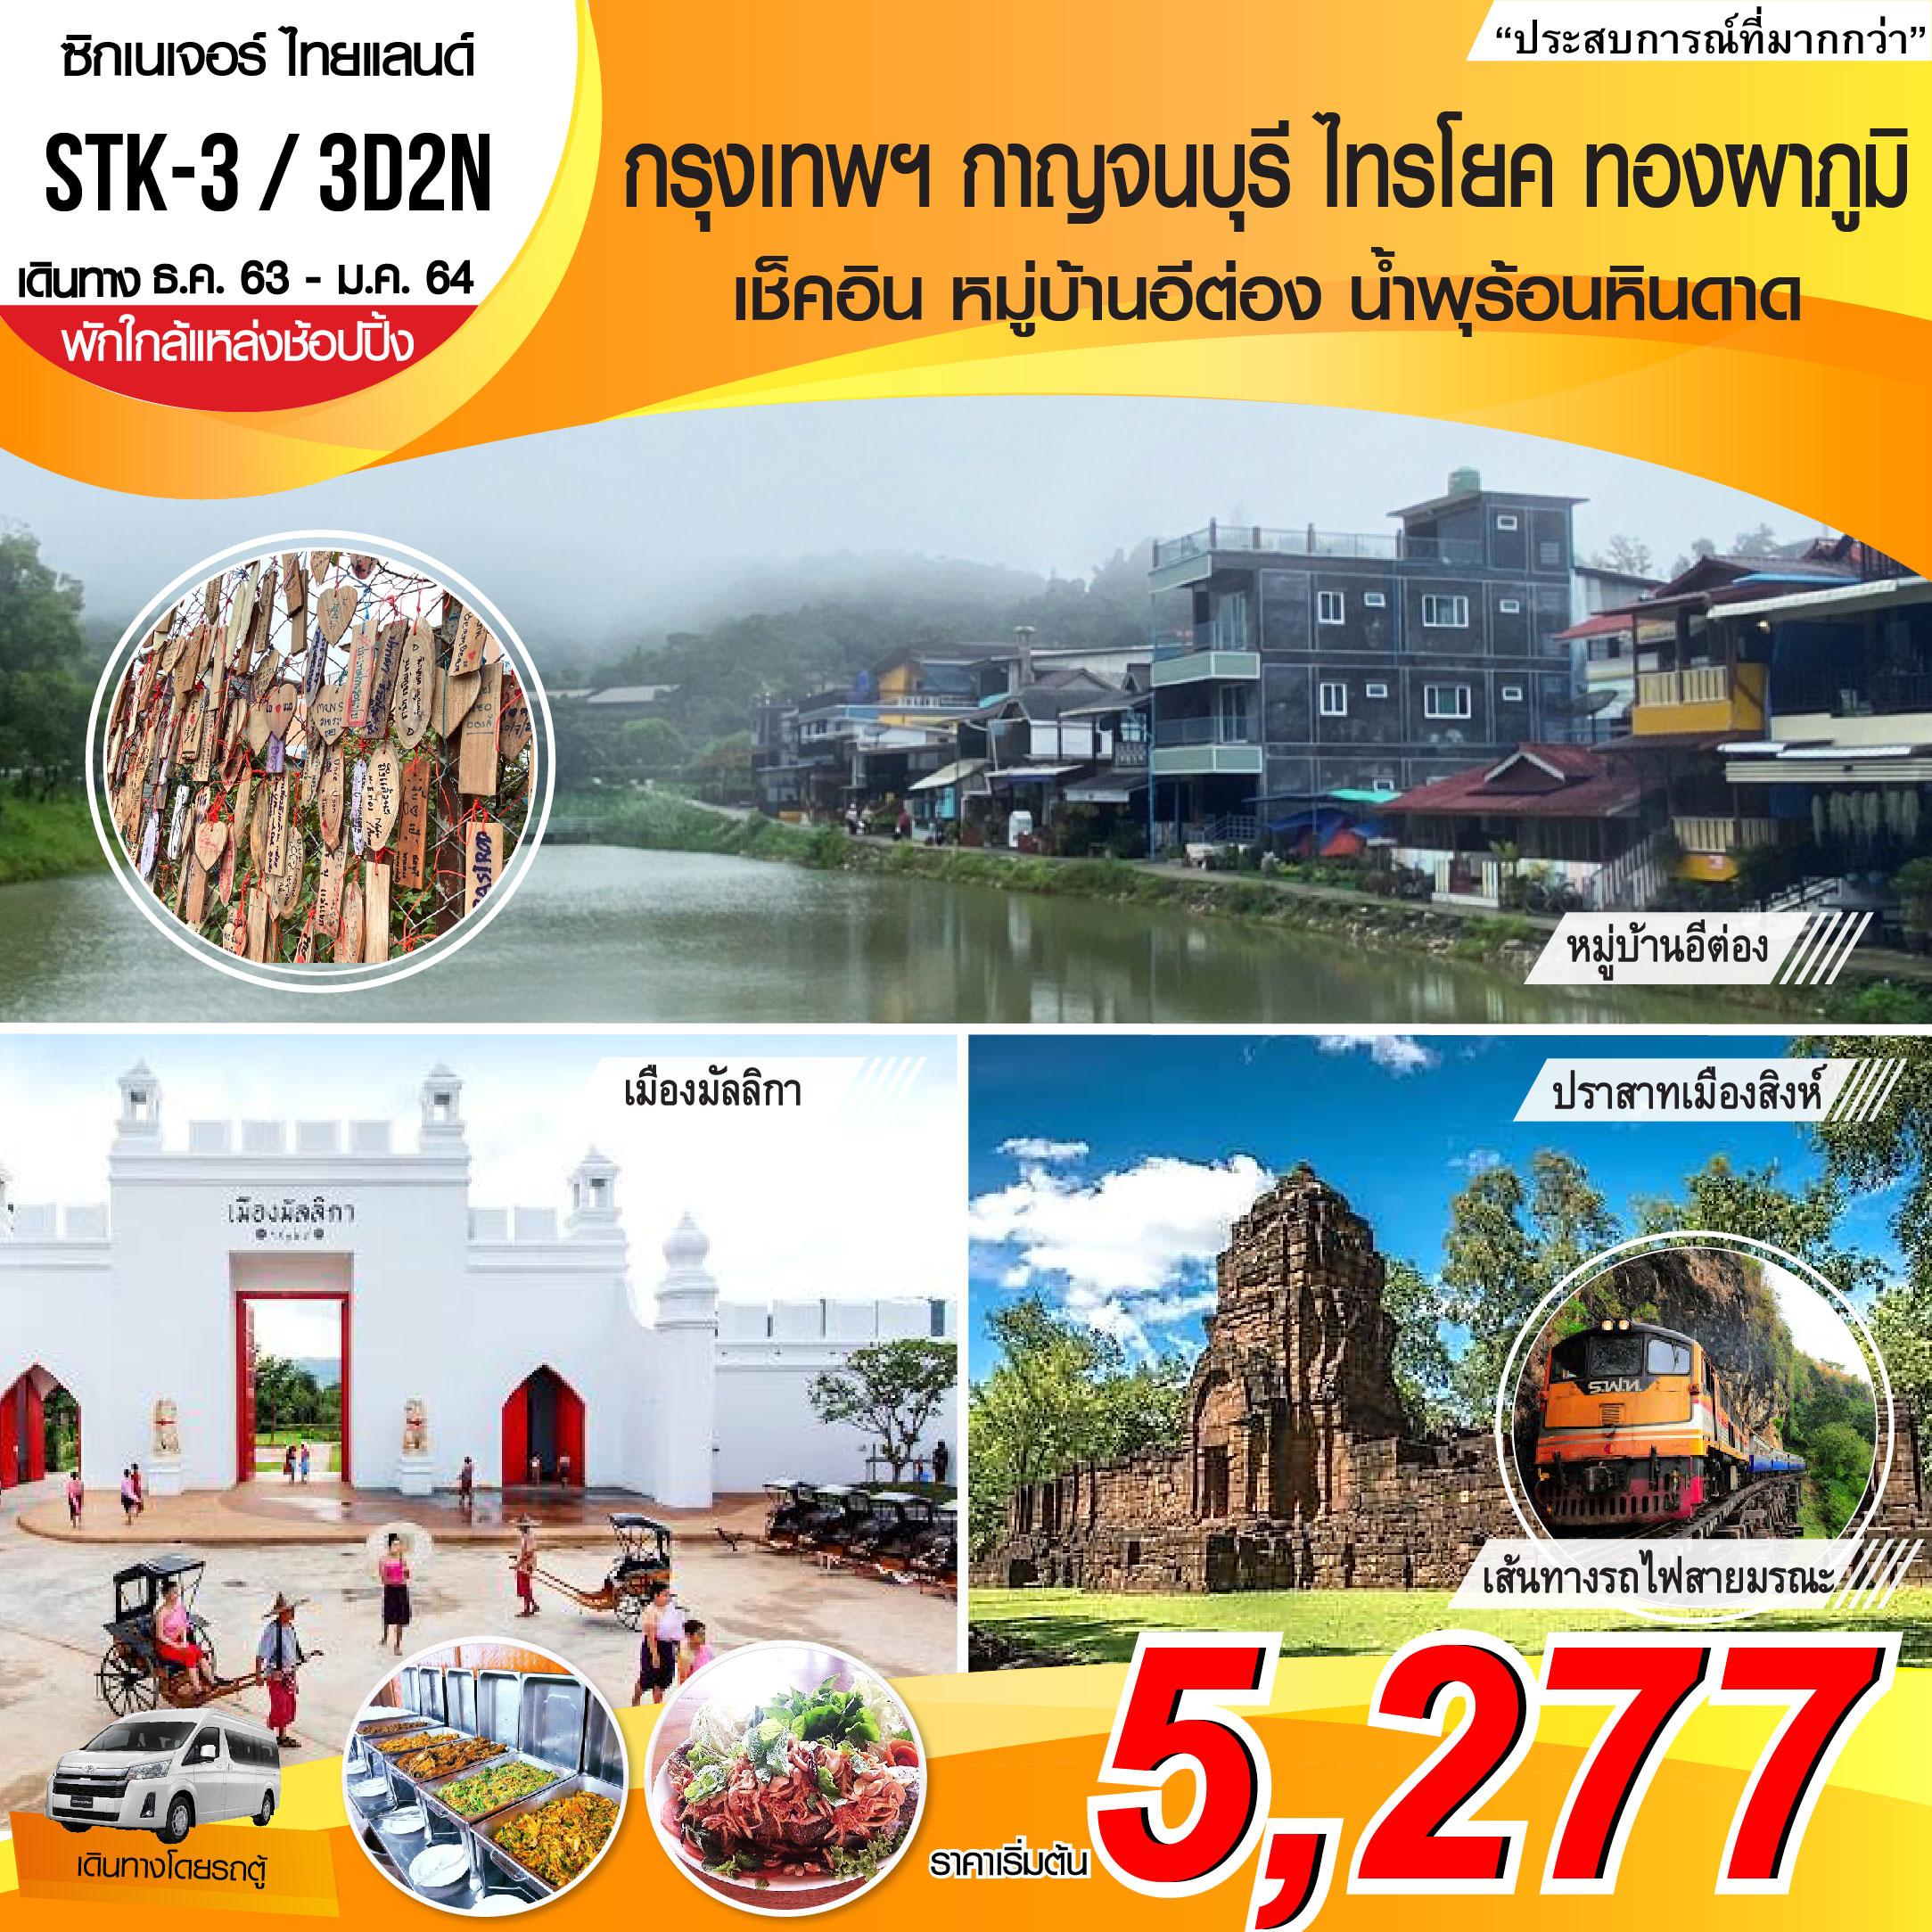 STK-3 กรุงเทพฯ กาญจนบุรี ไทรโยค ทองผาภูมิ 3D2N (ส.ค.63 - ม.ค.64)